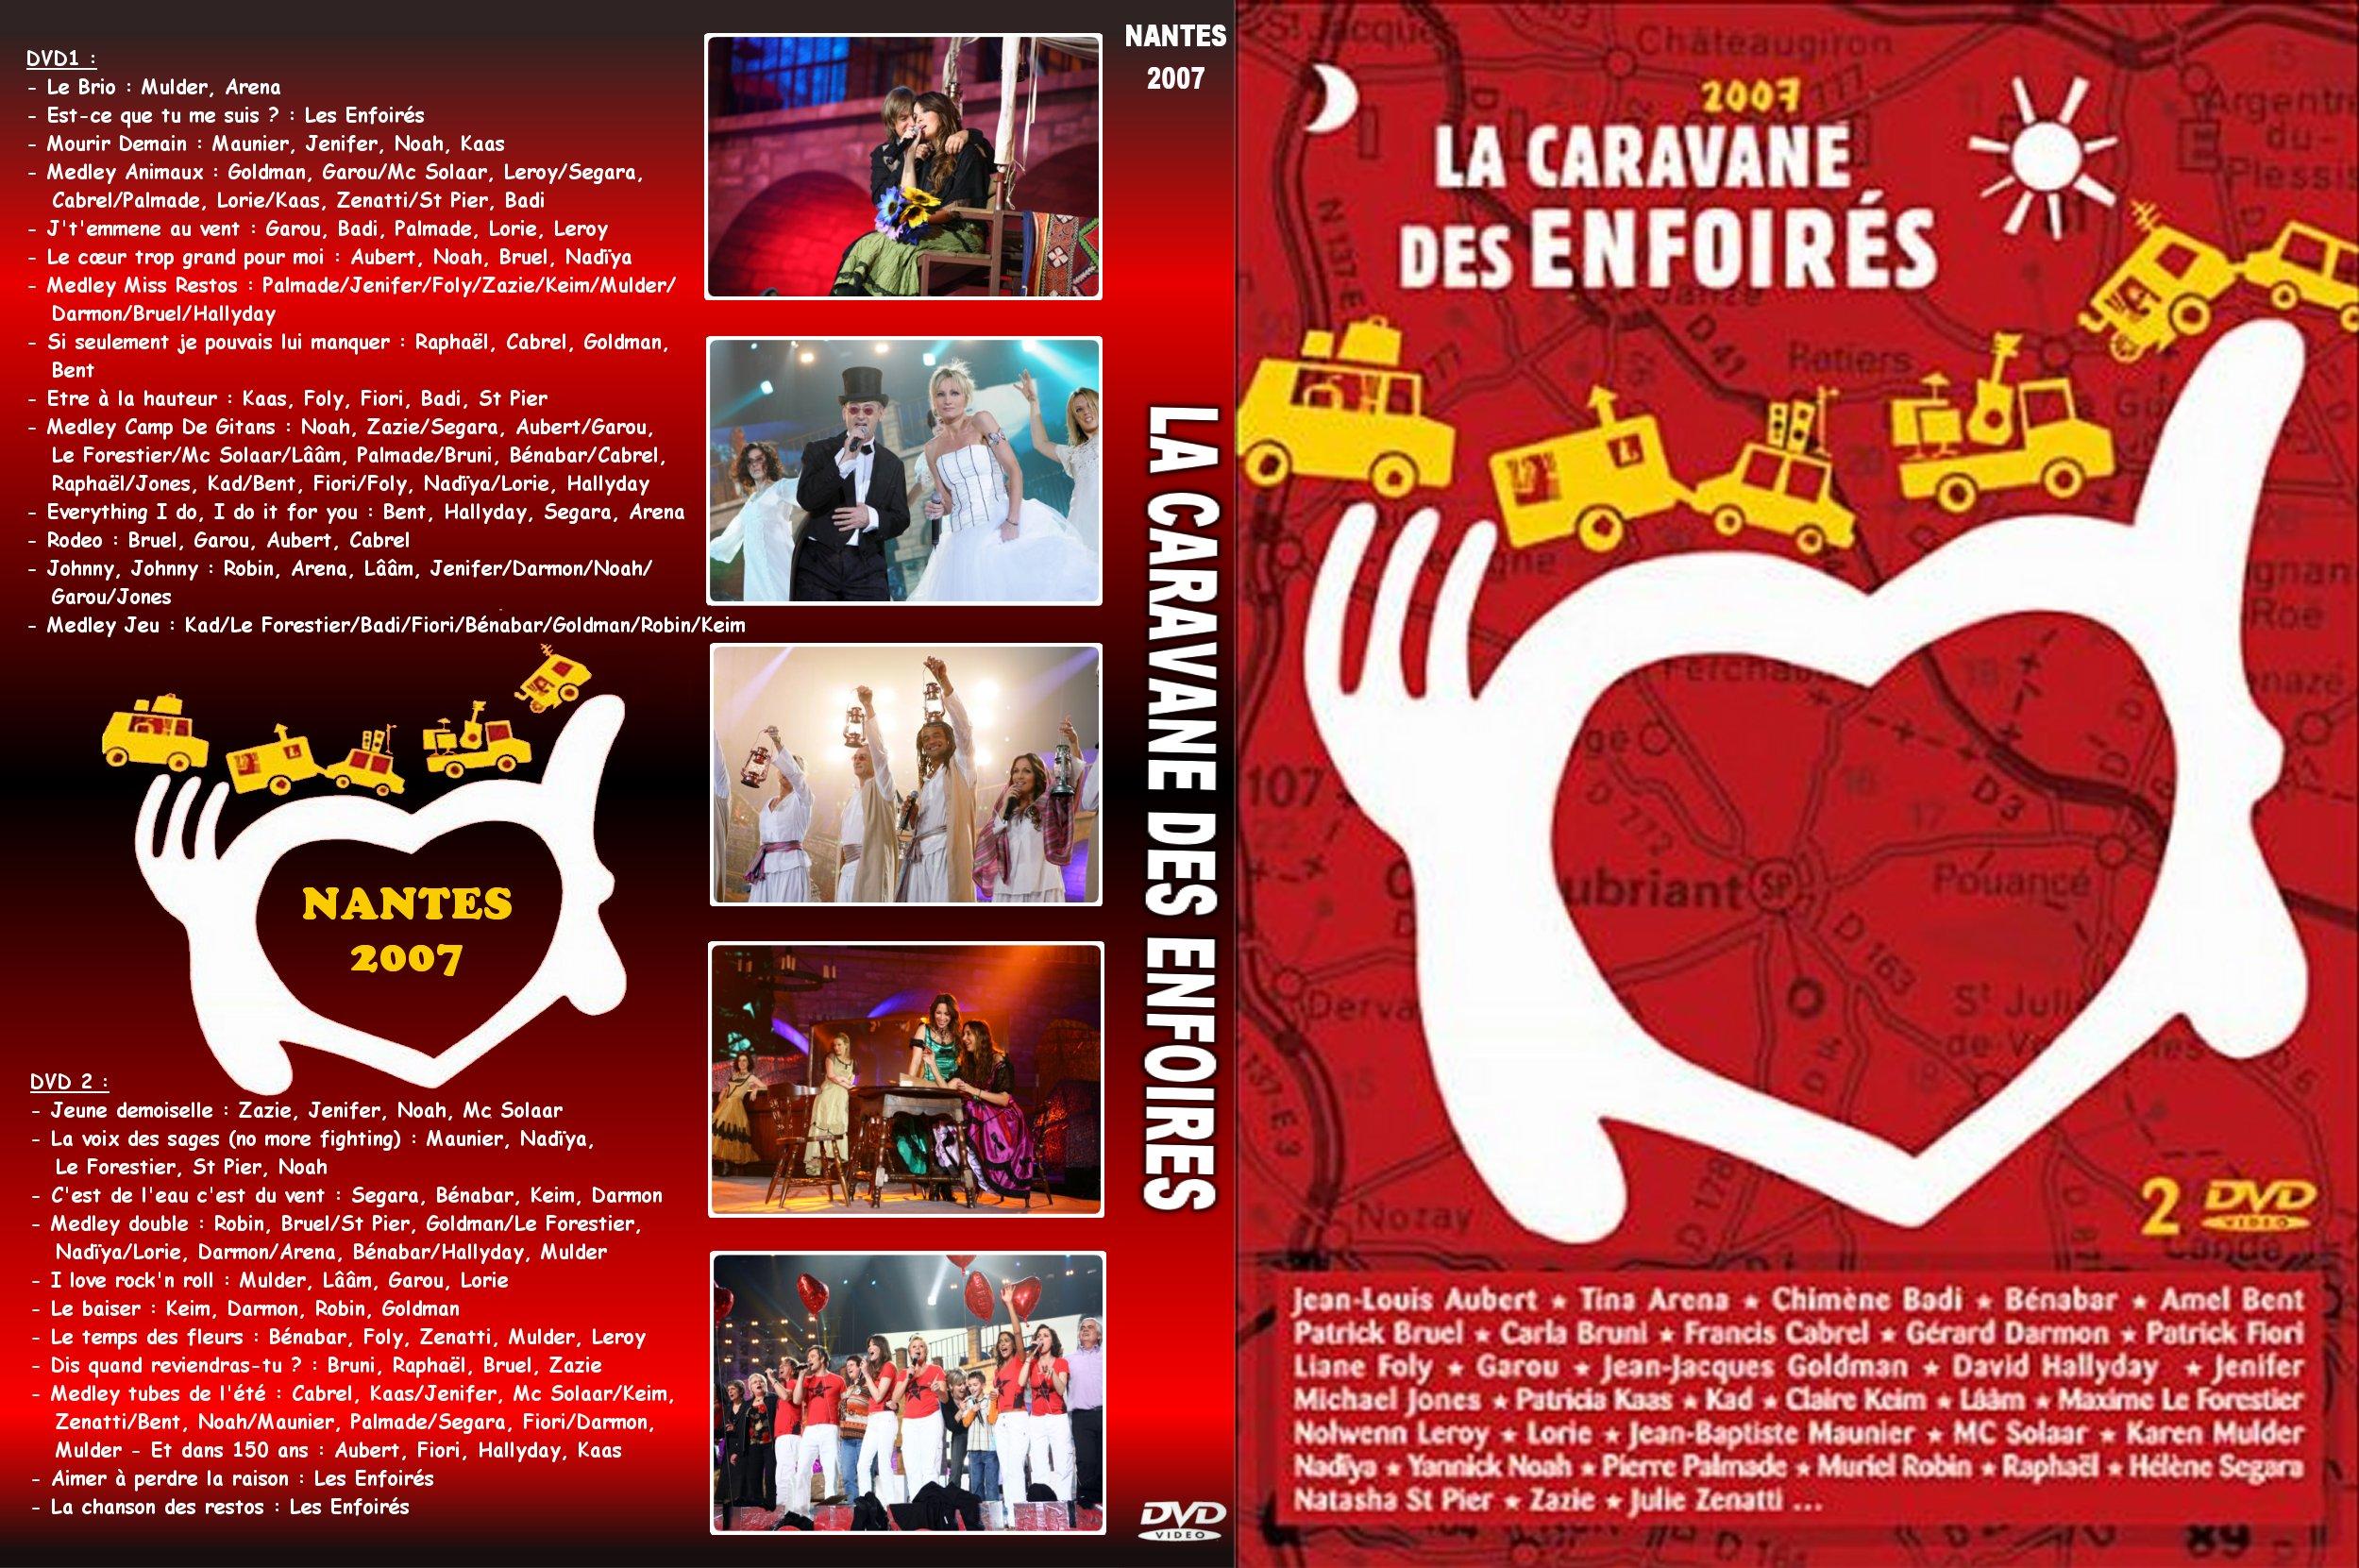 la_caravane_des_enfoires_-_dvd